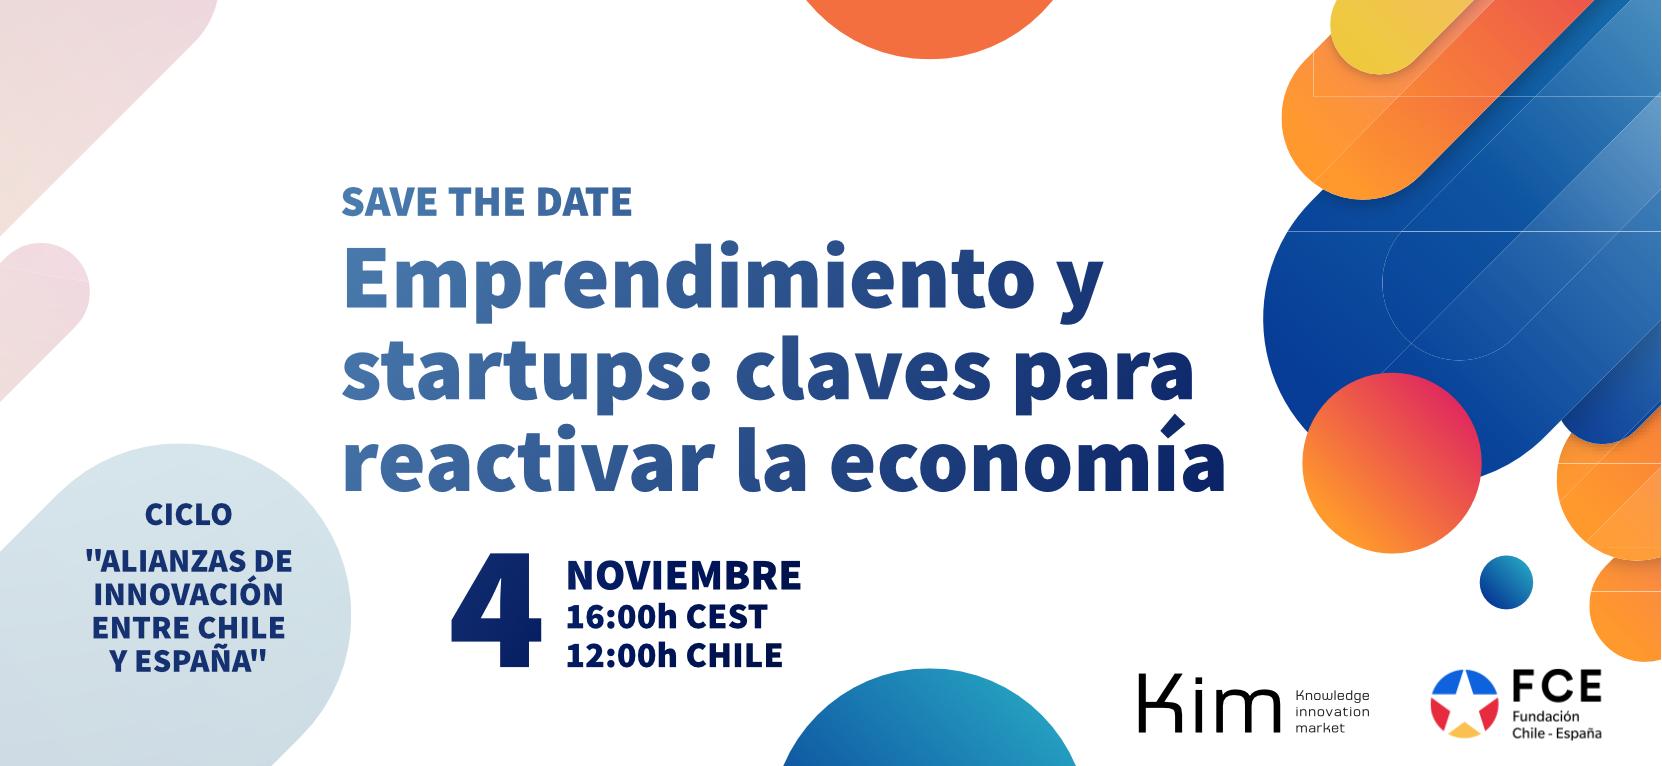 Emprendimiento y startups: claves para reactivar la economía